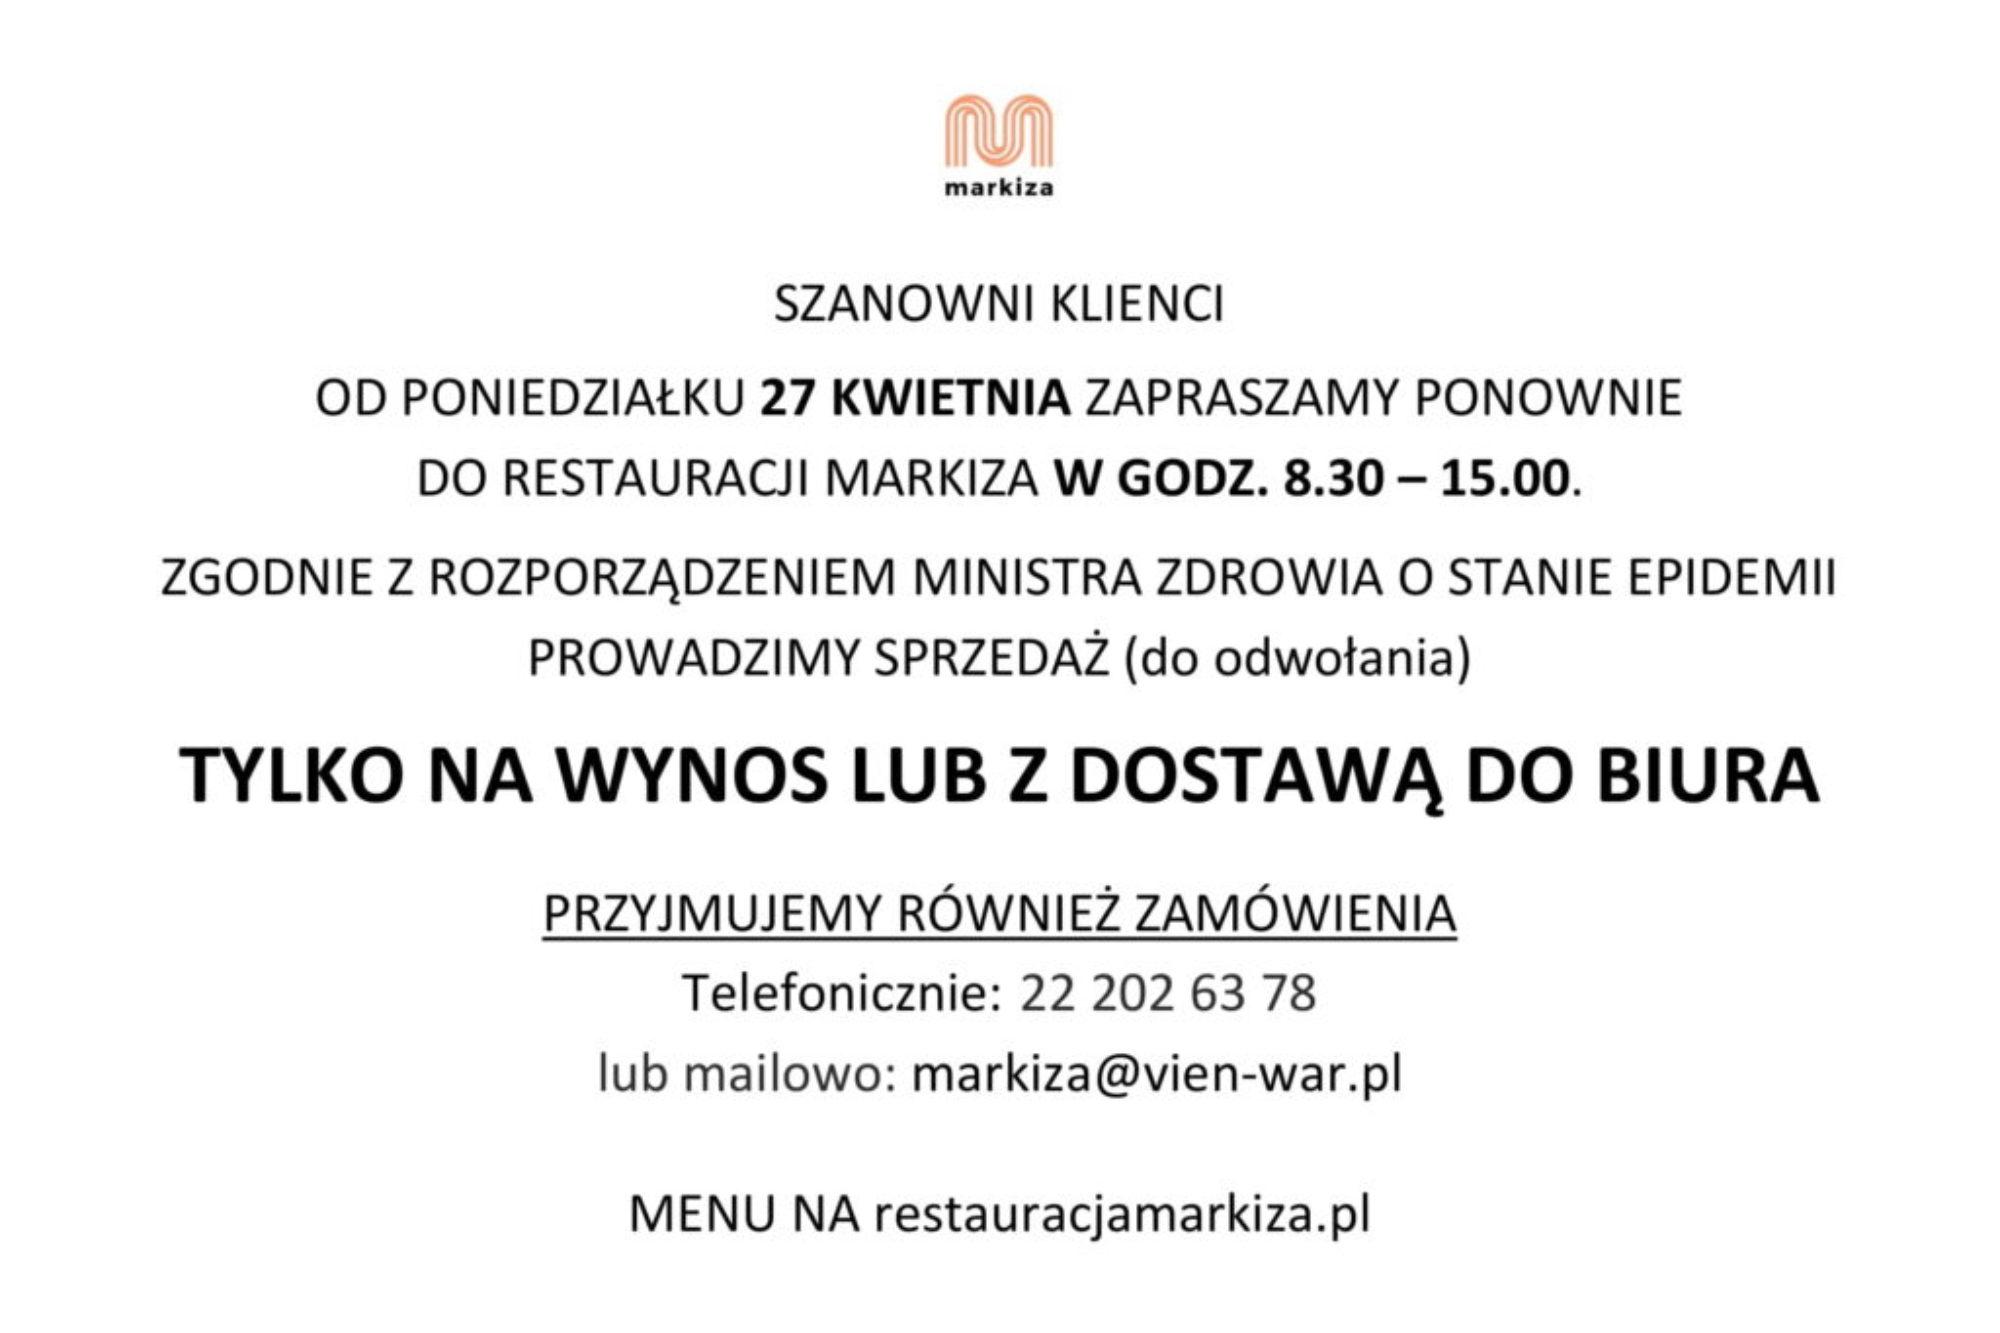 MARKIZA 27.04